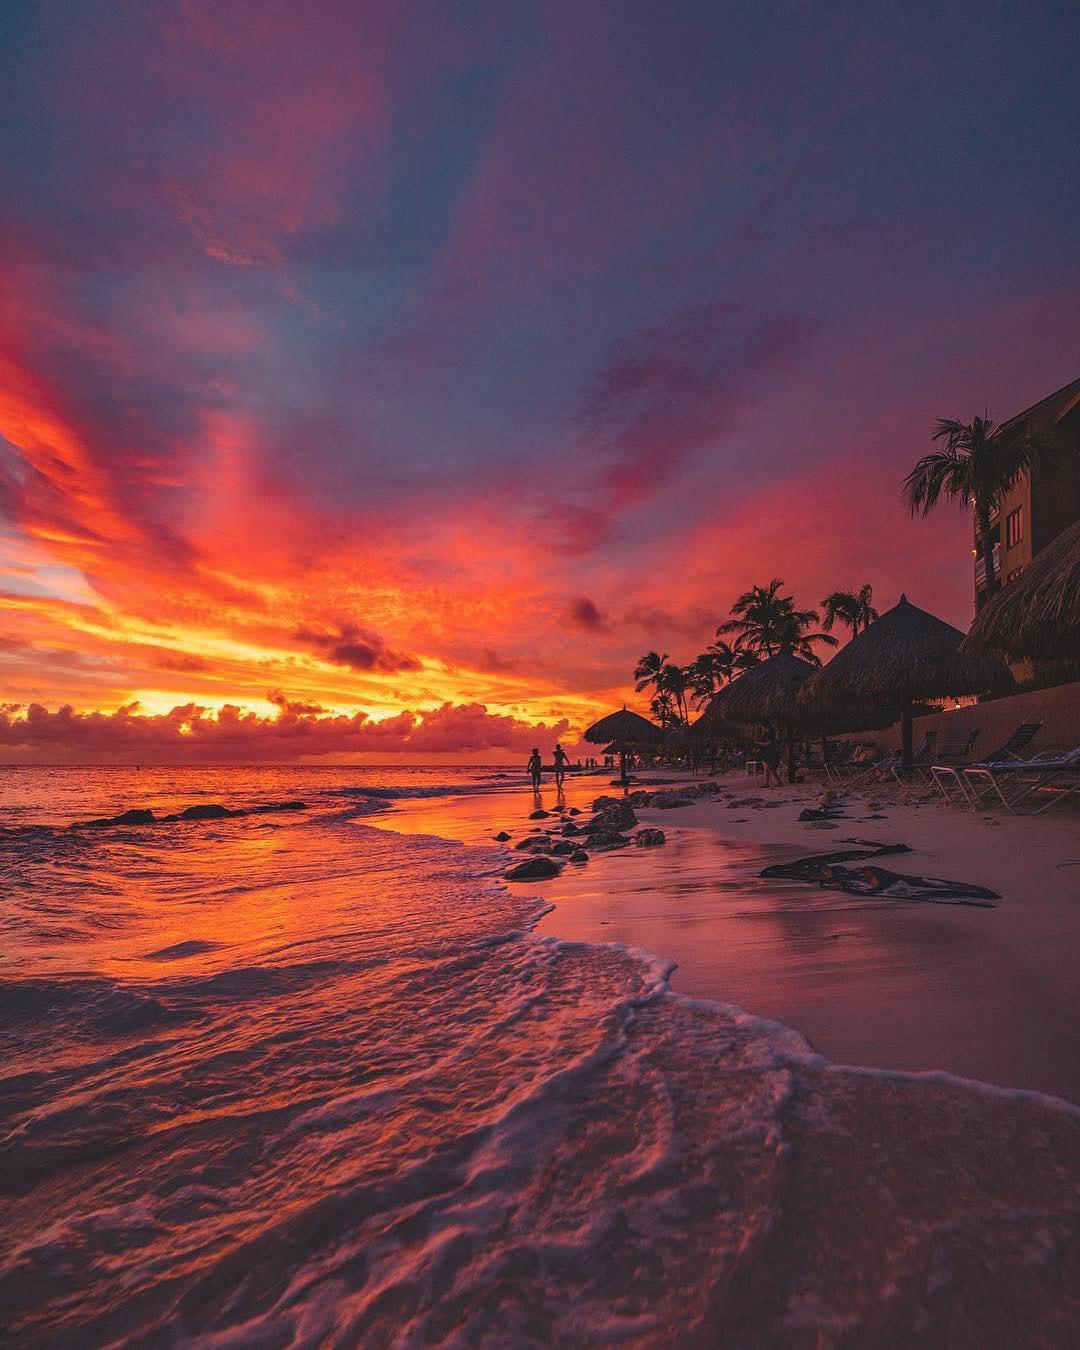 Sunsets in Aruba